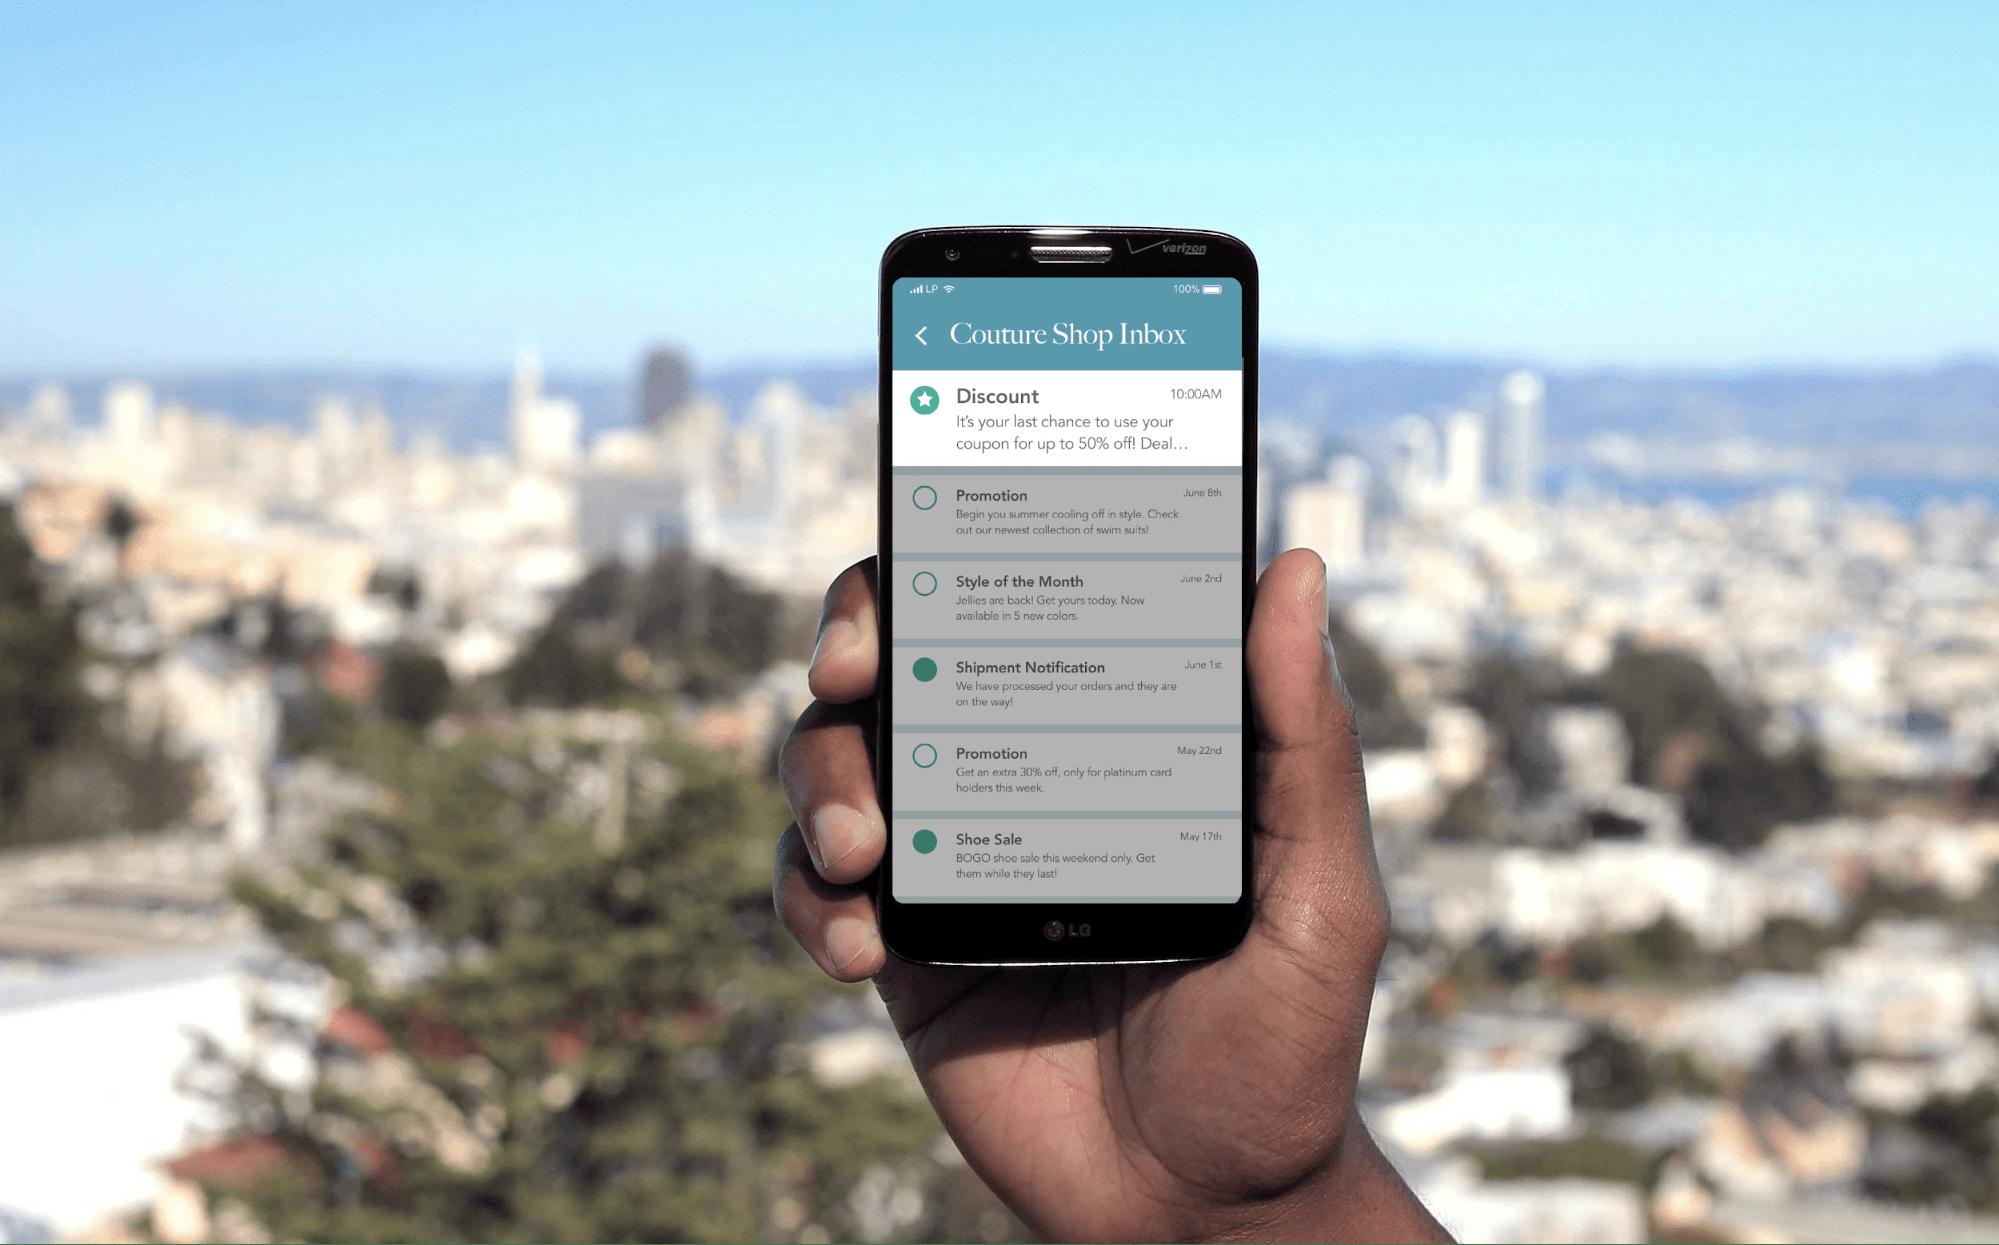 retail app messaging app inbox